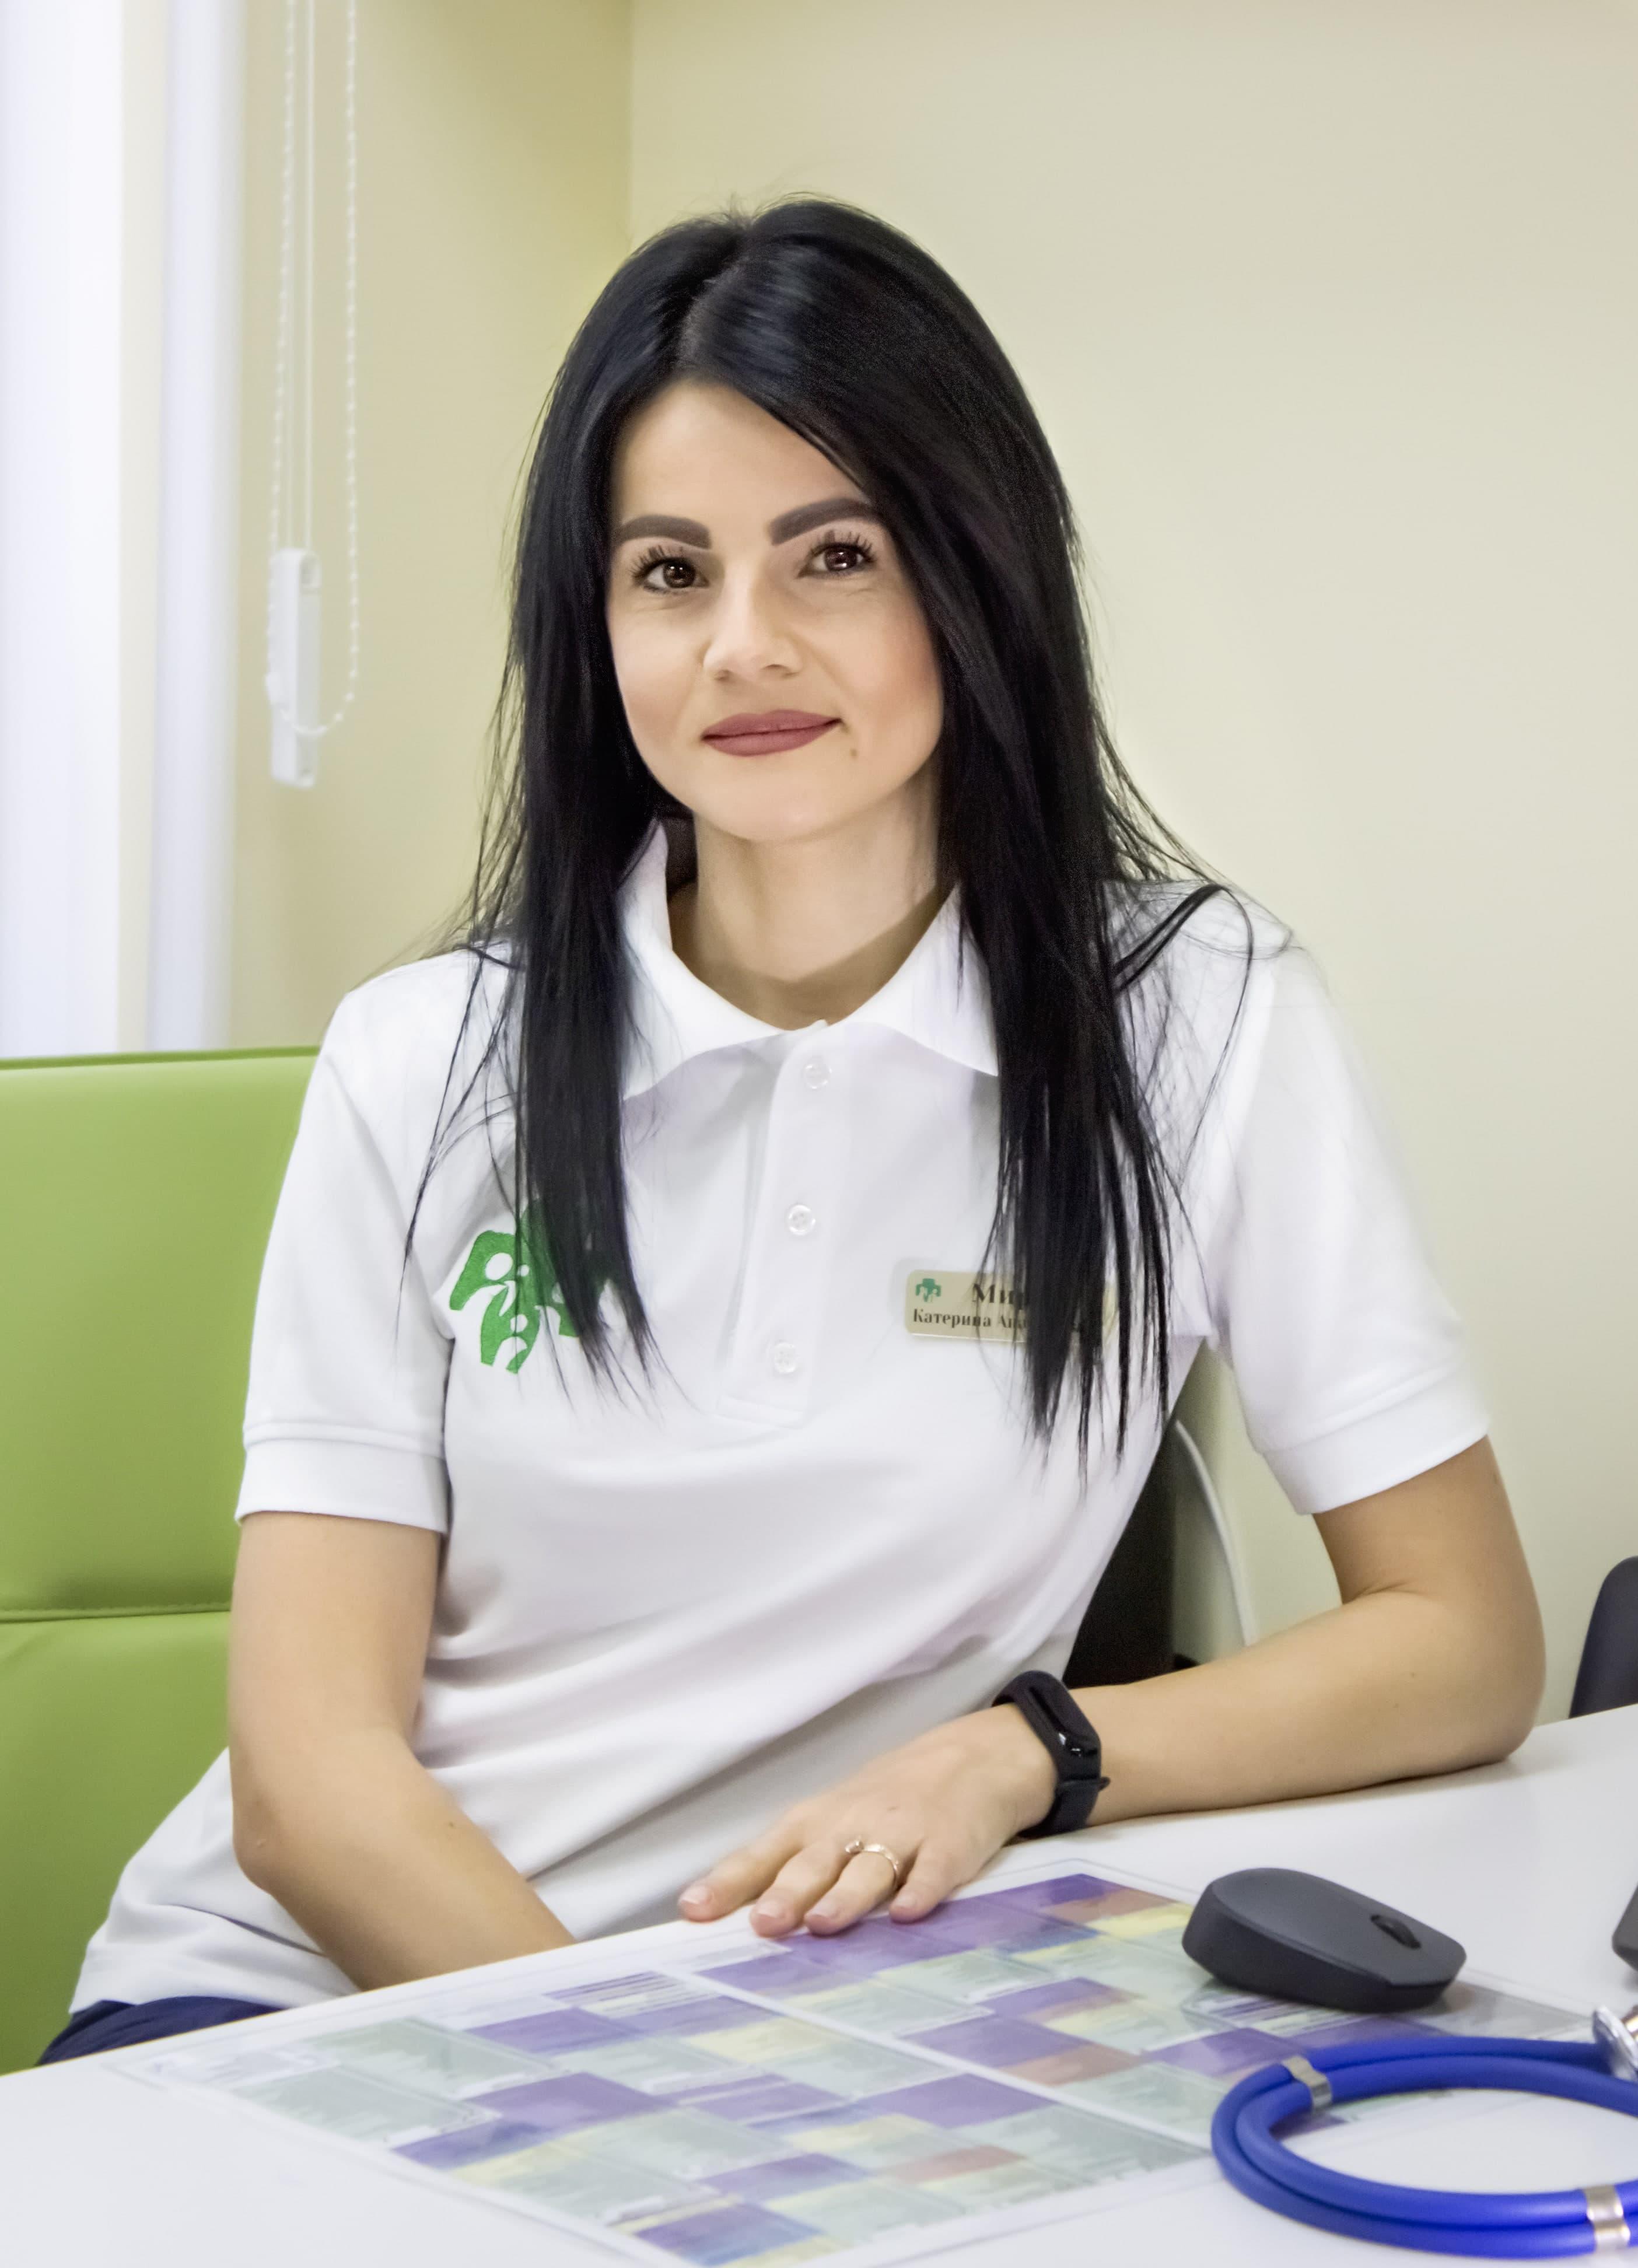 Мирная Екатерина Анатольевна - врач педиатр